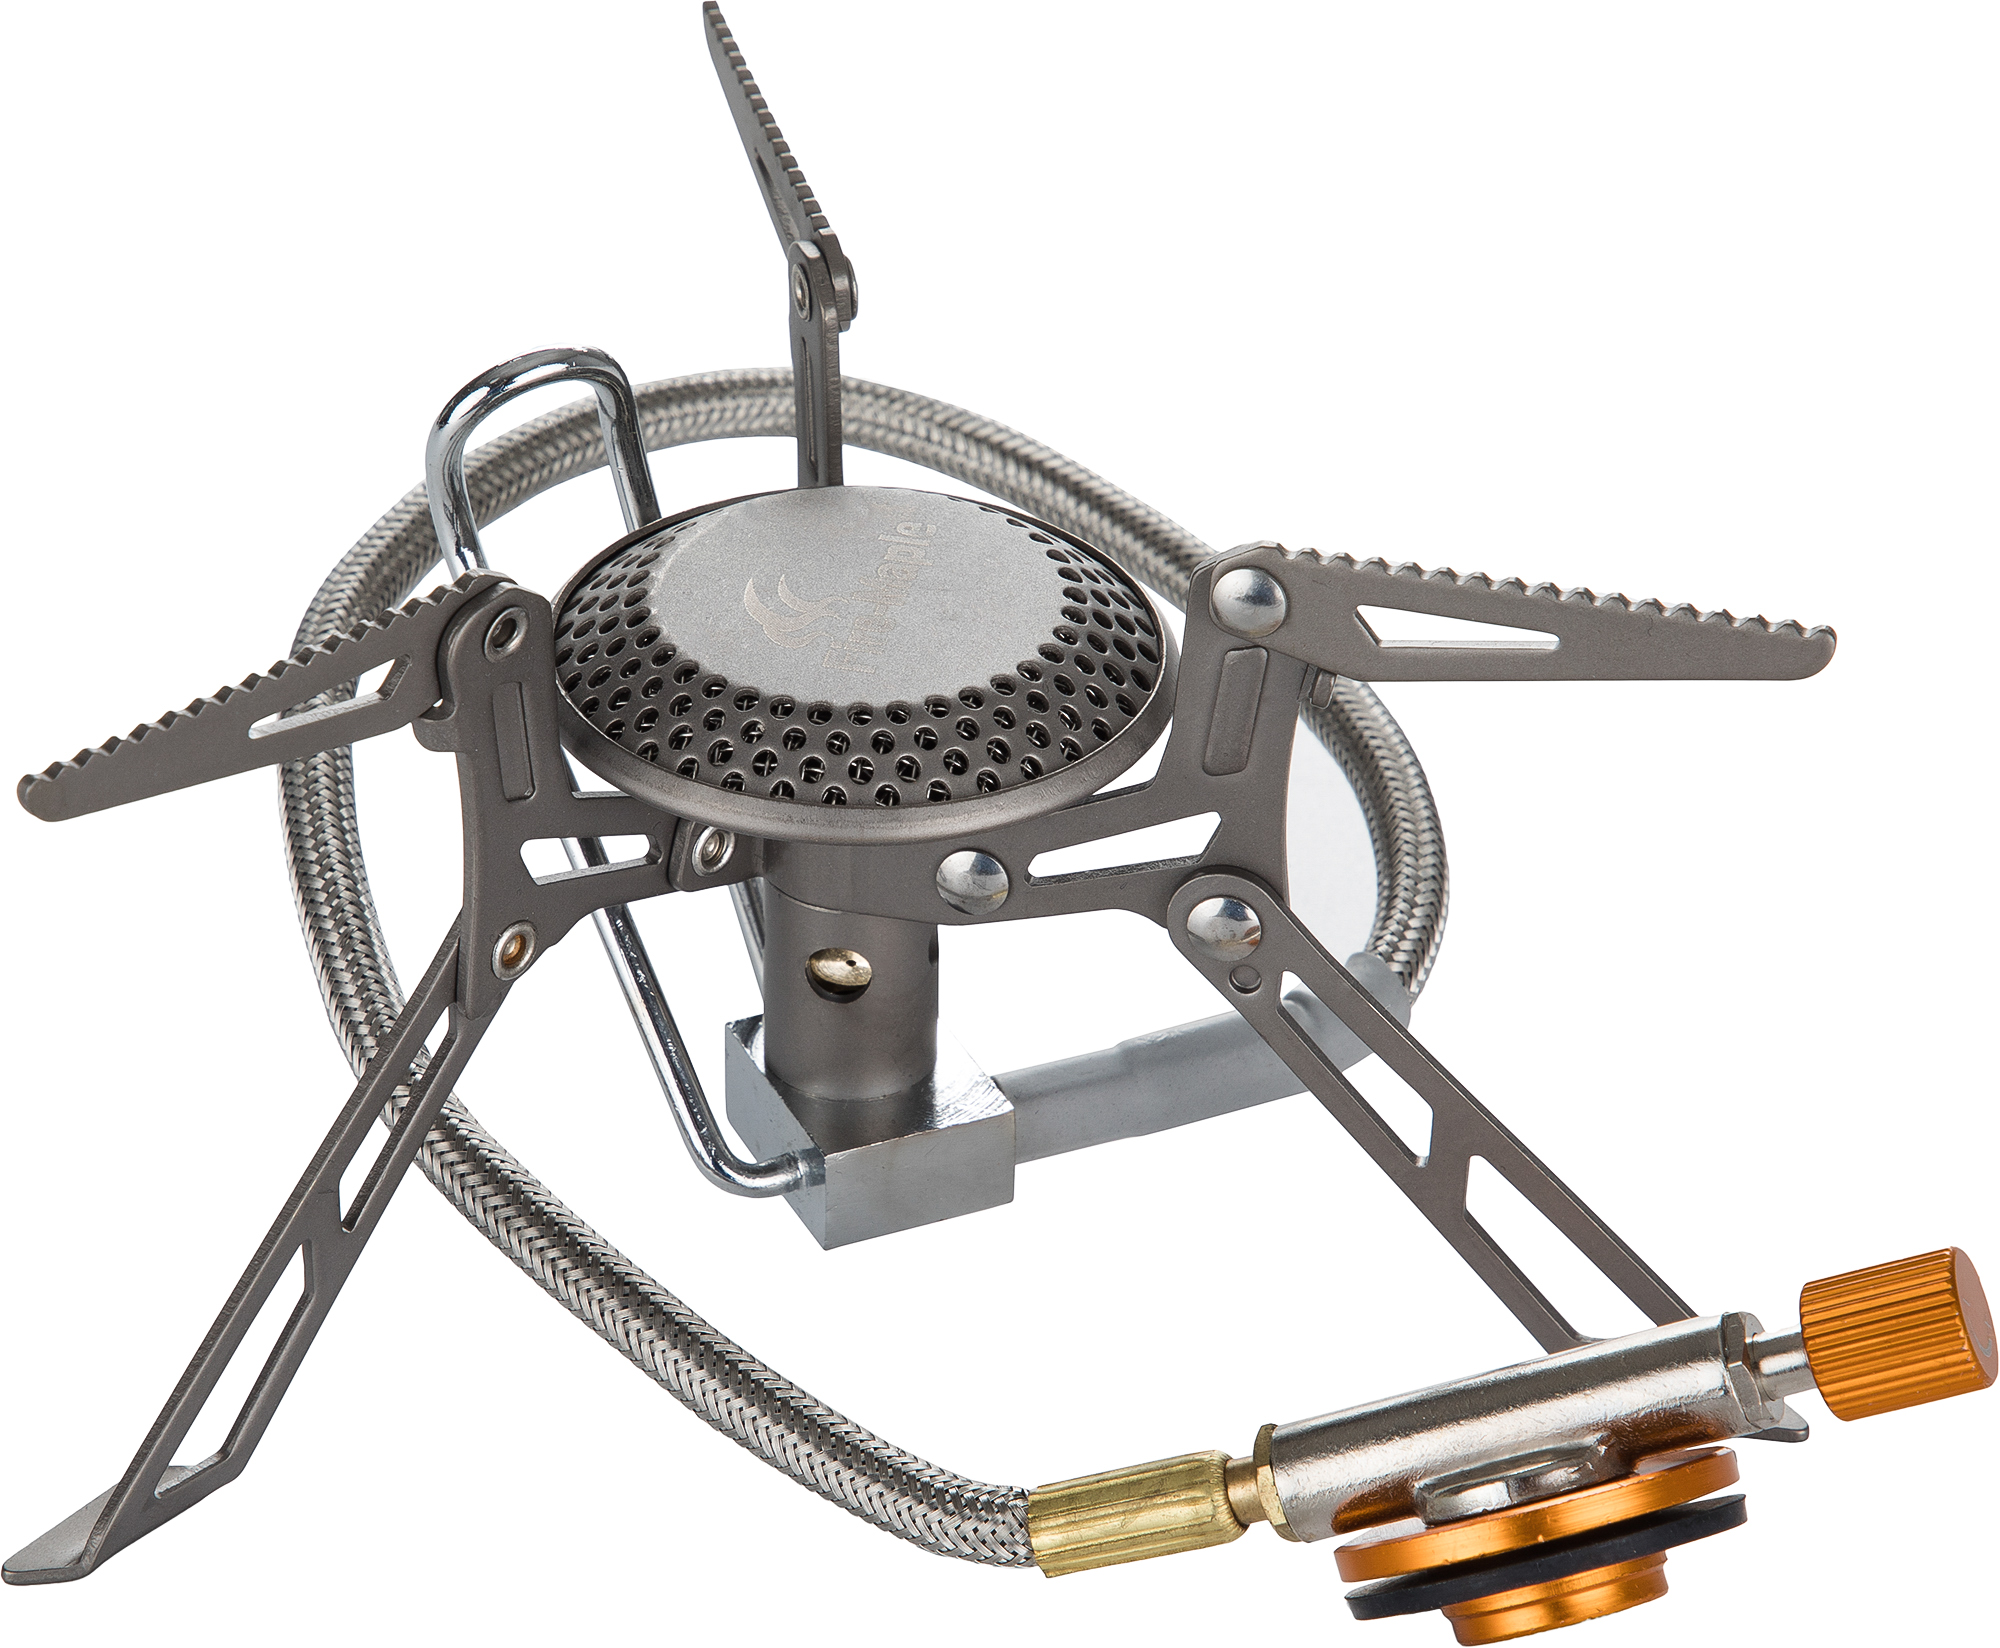 Fire-Maple Газовая горелка Fire-Maple горелка газовая campingaz twister plus pz